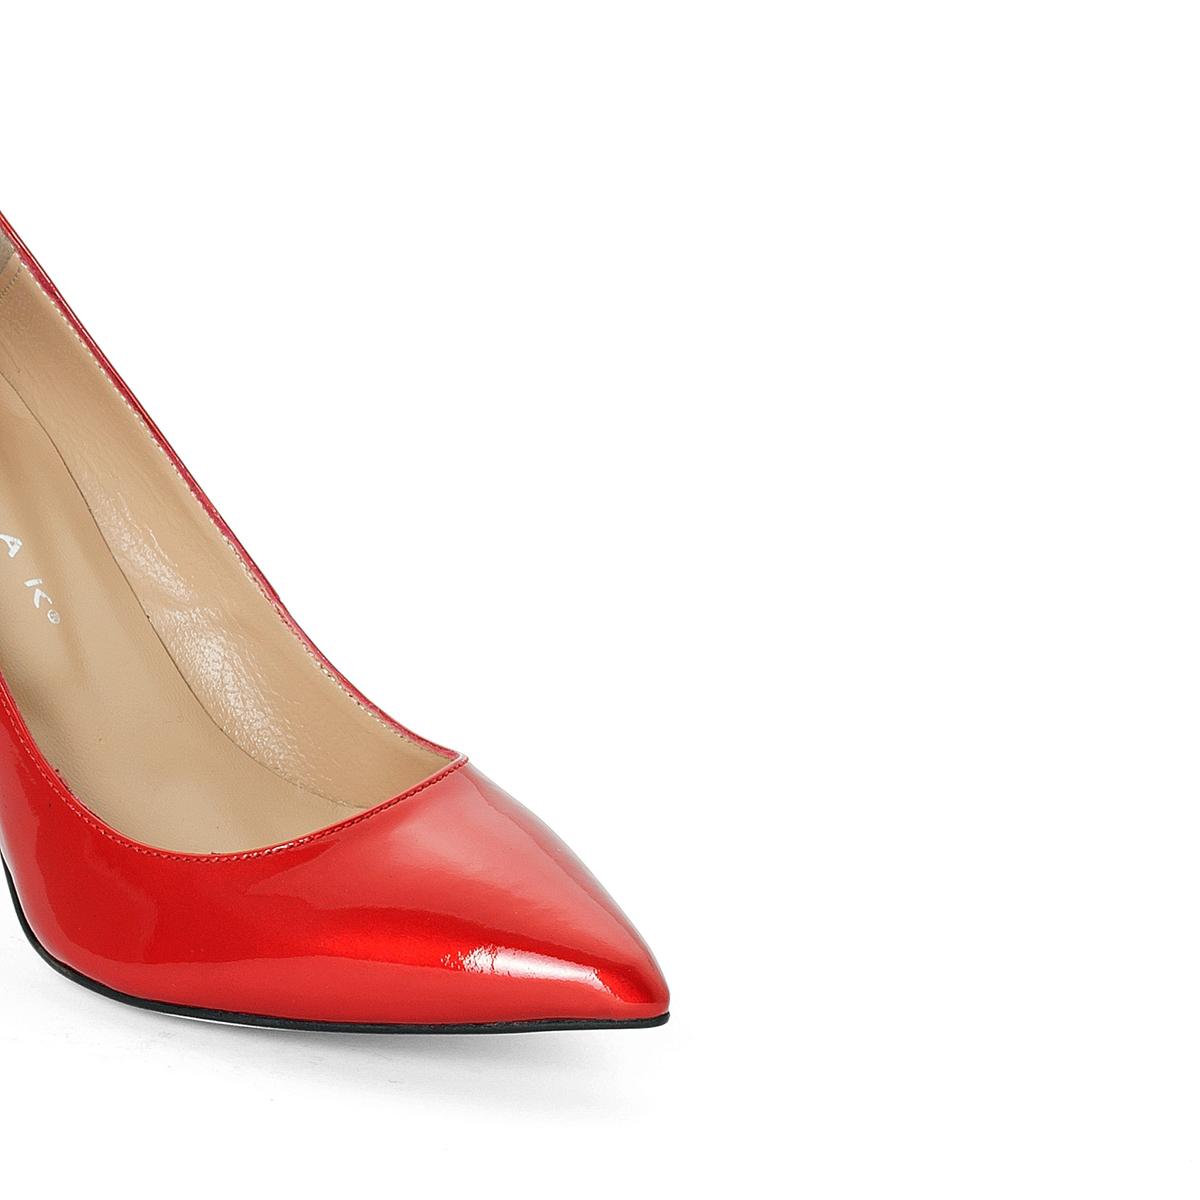 Туфли кожаные лакированные AlaricВерх : Кожа.   Подкладка : Кожа.   Стелька : Кожа.   Подошва : эластомер   Высота каблука : 8 см   Форма каблука : шпилька   Мысок : заостренный мысок     Застежка : без застежки<br><br>Цвет: красный лак